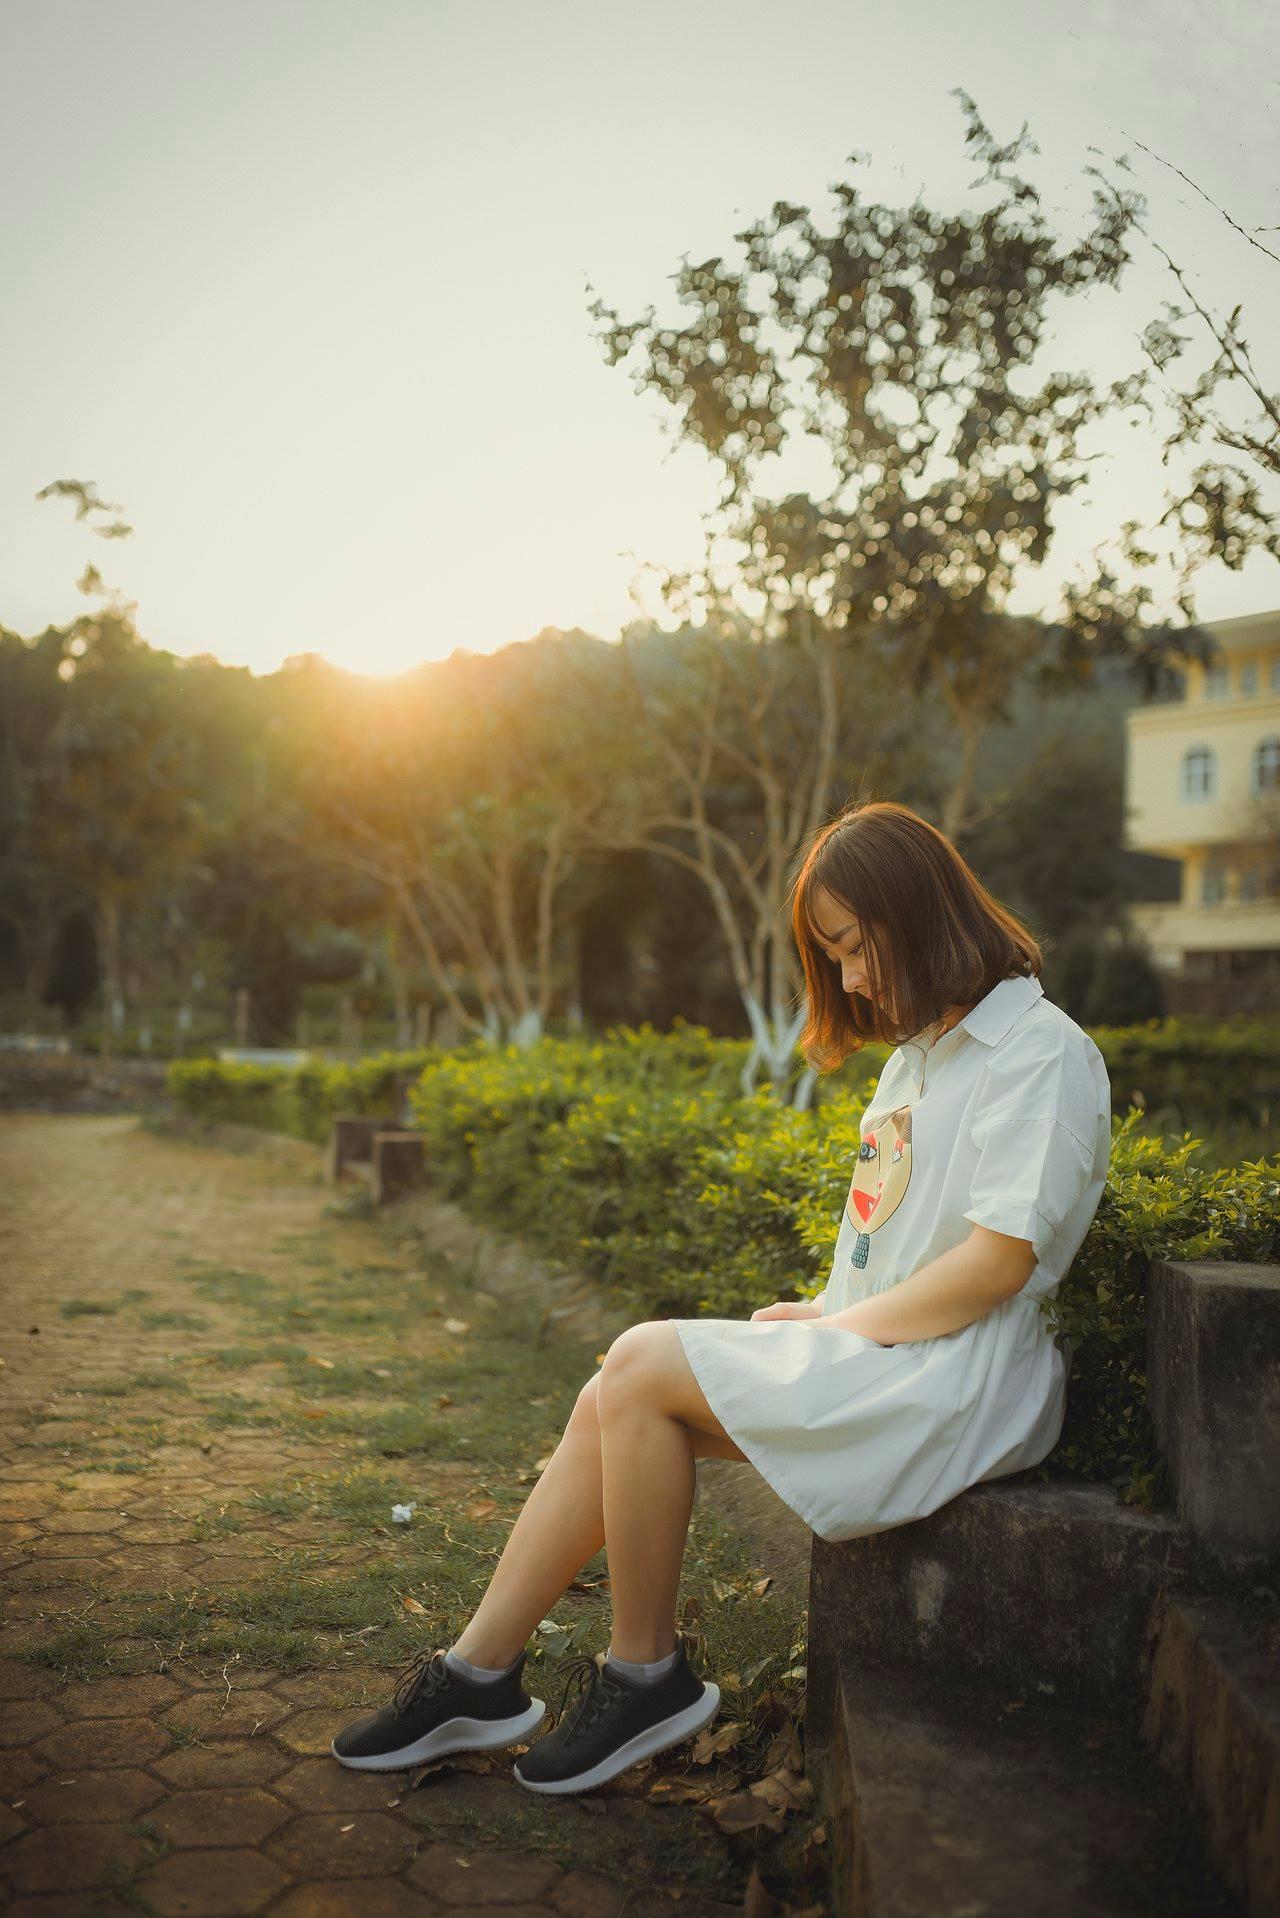 Sản phẩm của học viên sau khóa học photoshop tại Hà Cầu, Hà Đông, Hà Nội